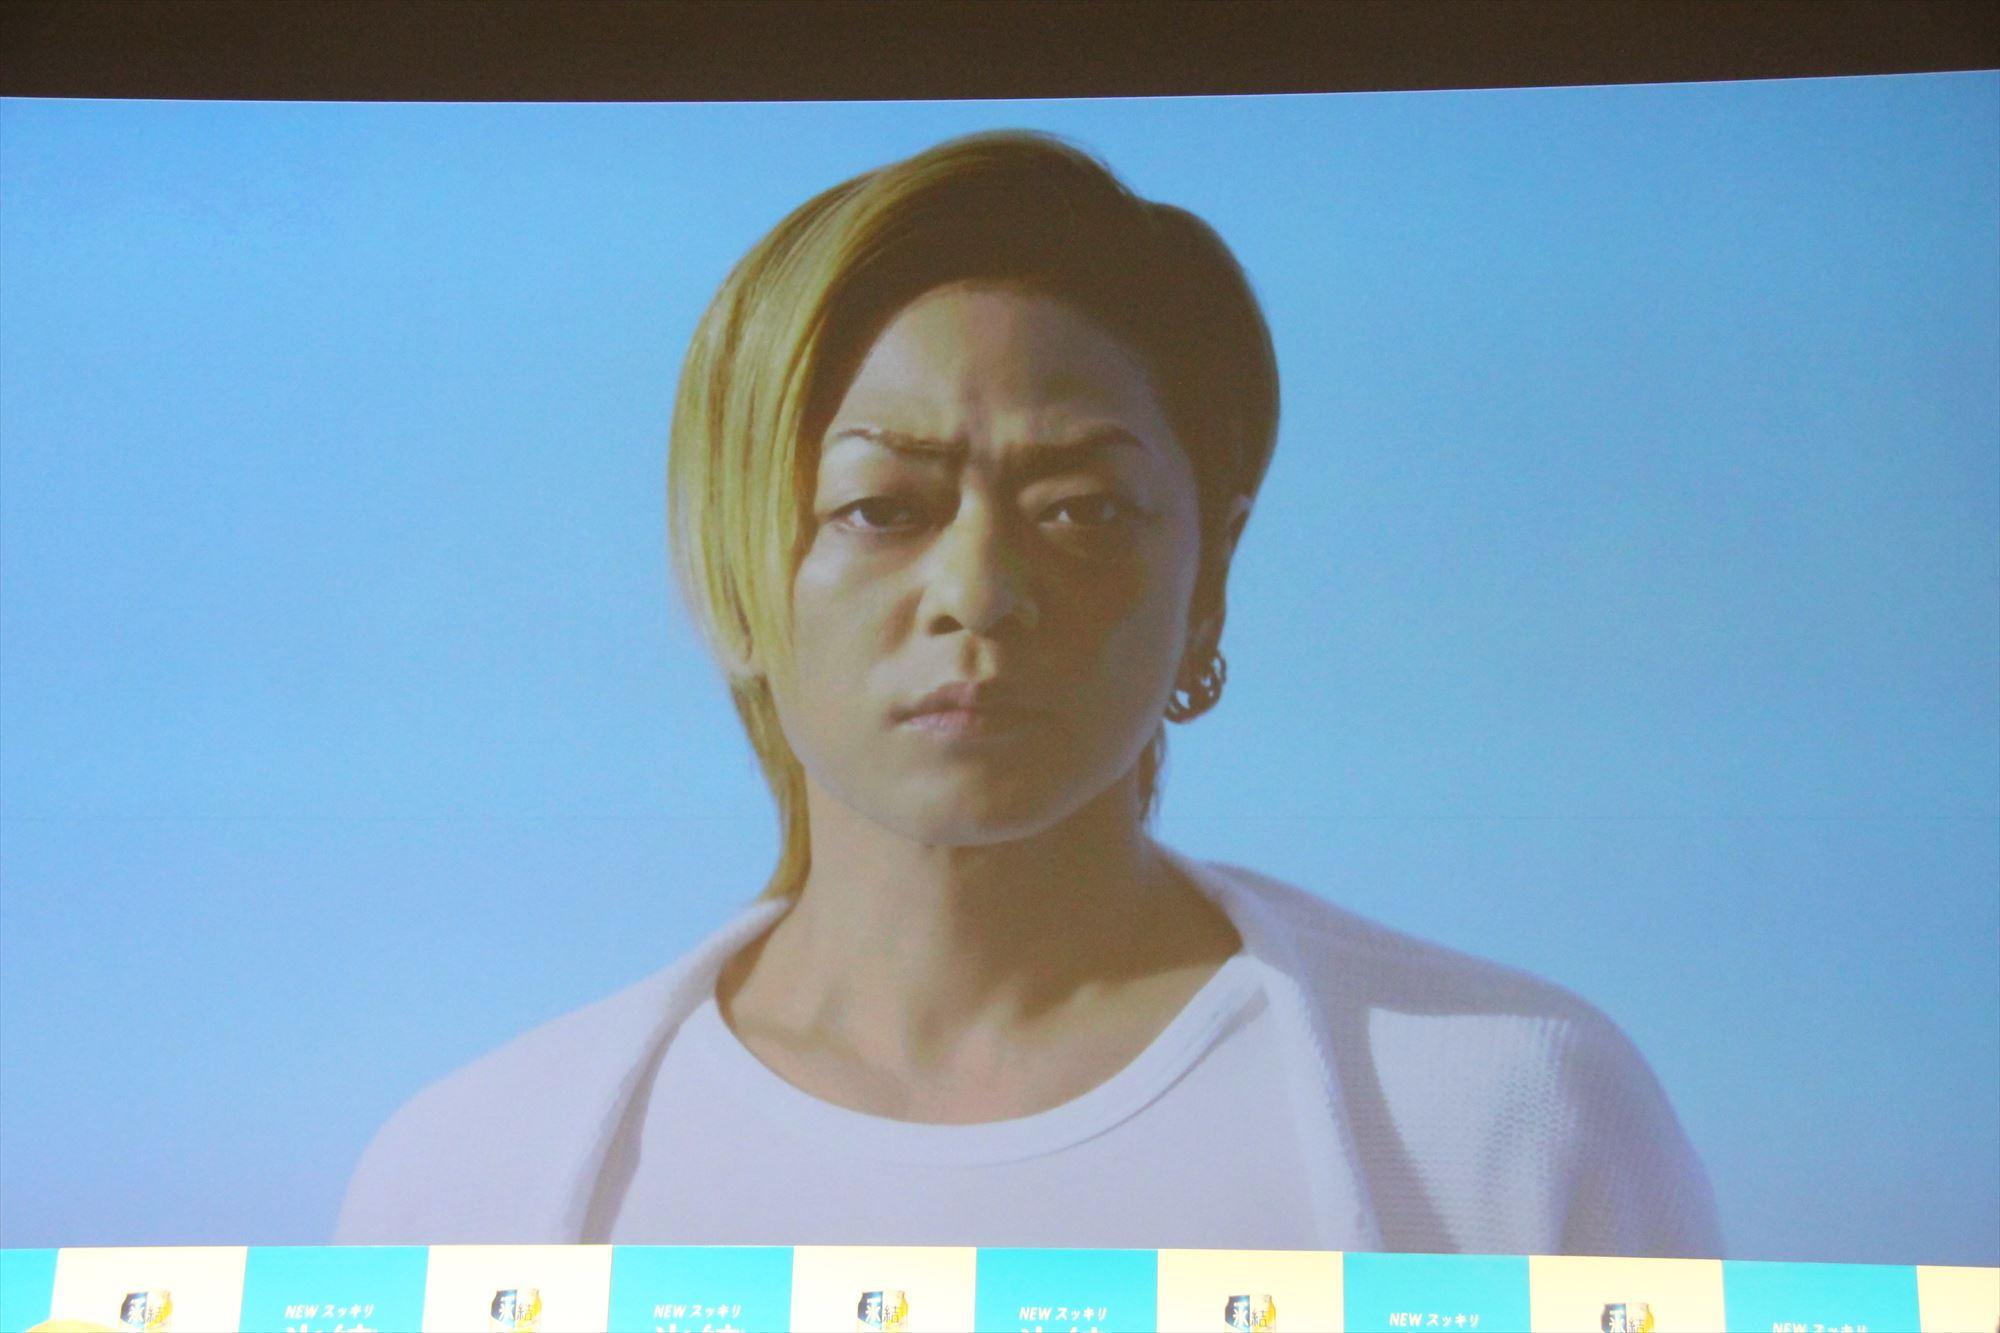 綾小路翔の画像 p1_30